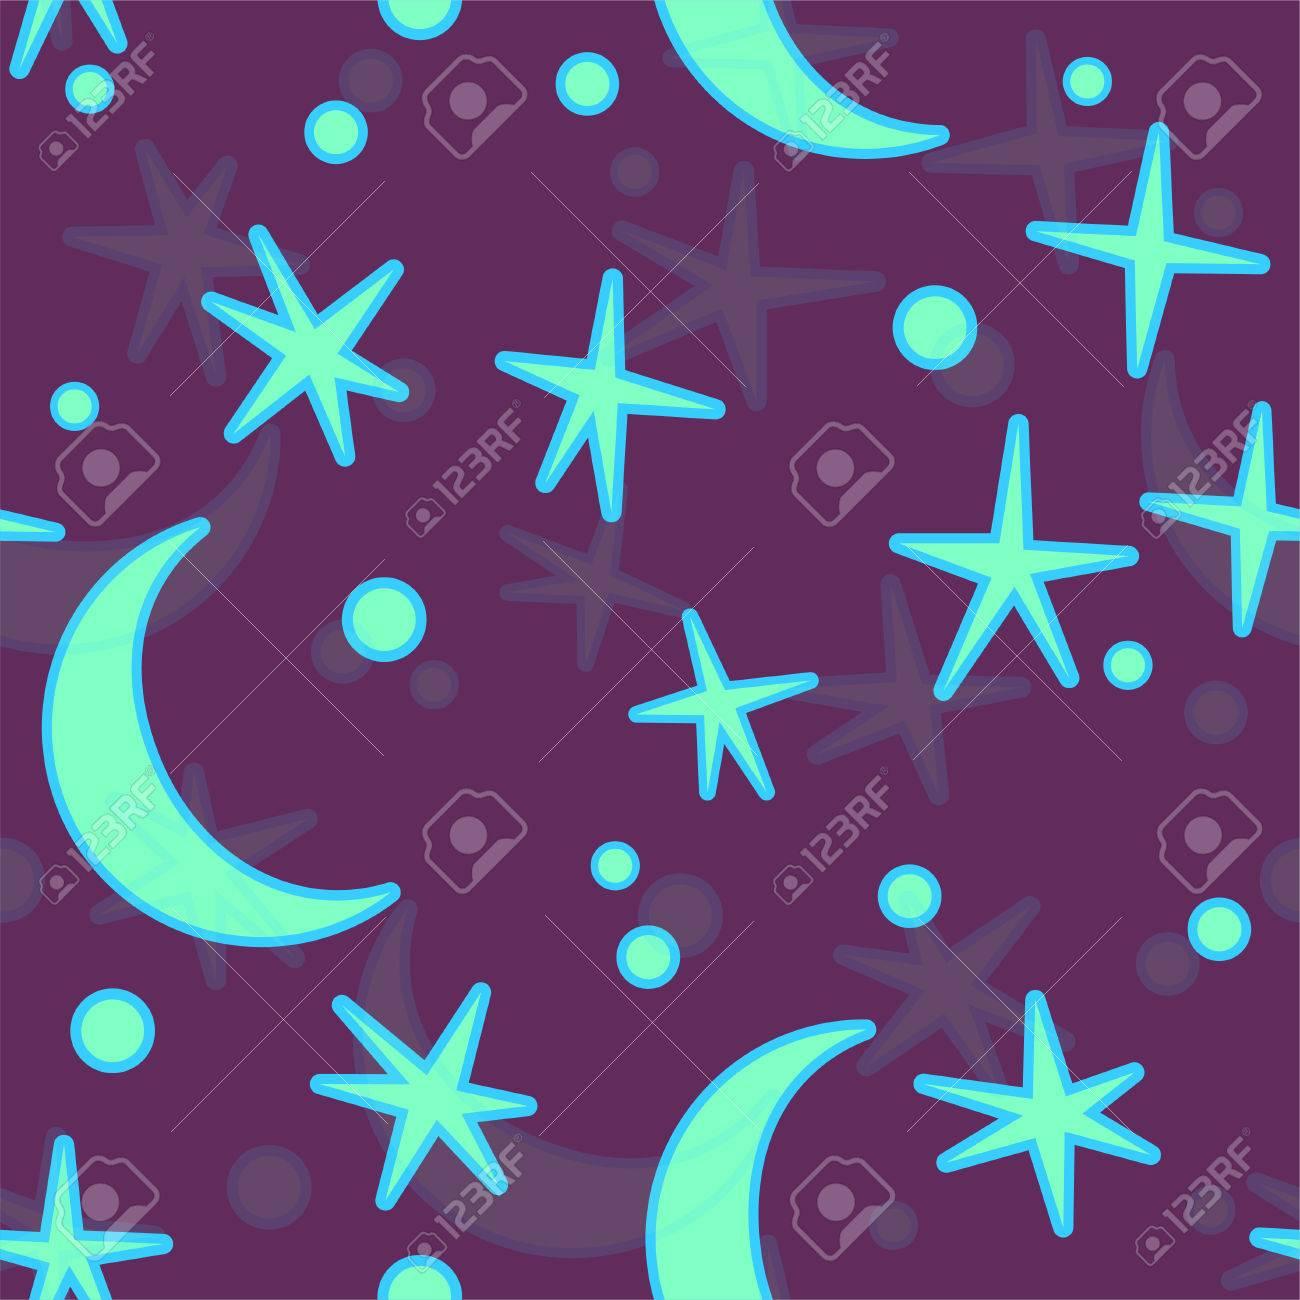 Ciel De Nuit De Bande Dessinée Avec Des étoiles De Lespace Et De La Lune Pour La Conception Dans Les Enfants Ou Le Style De Bébé Illustration